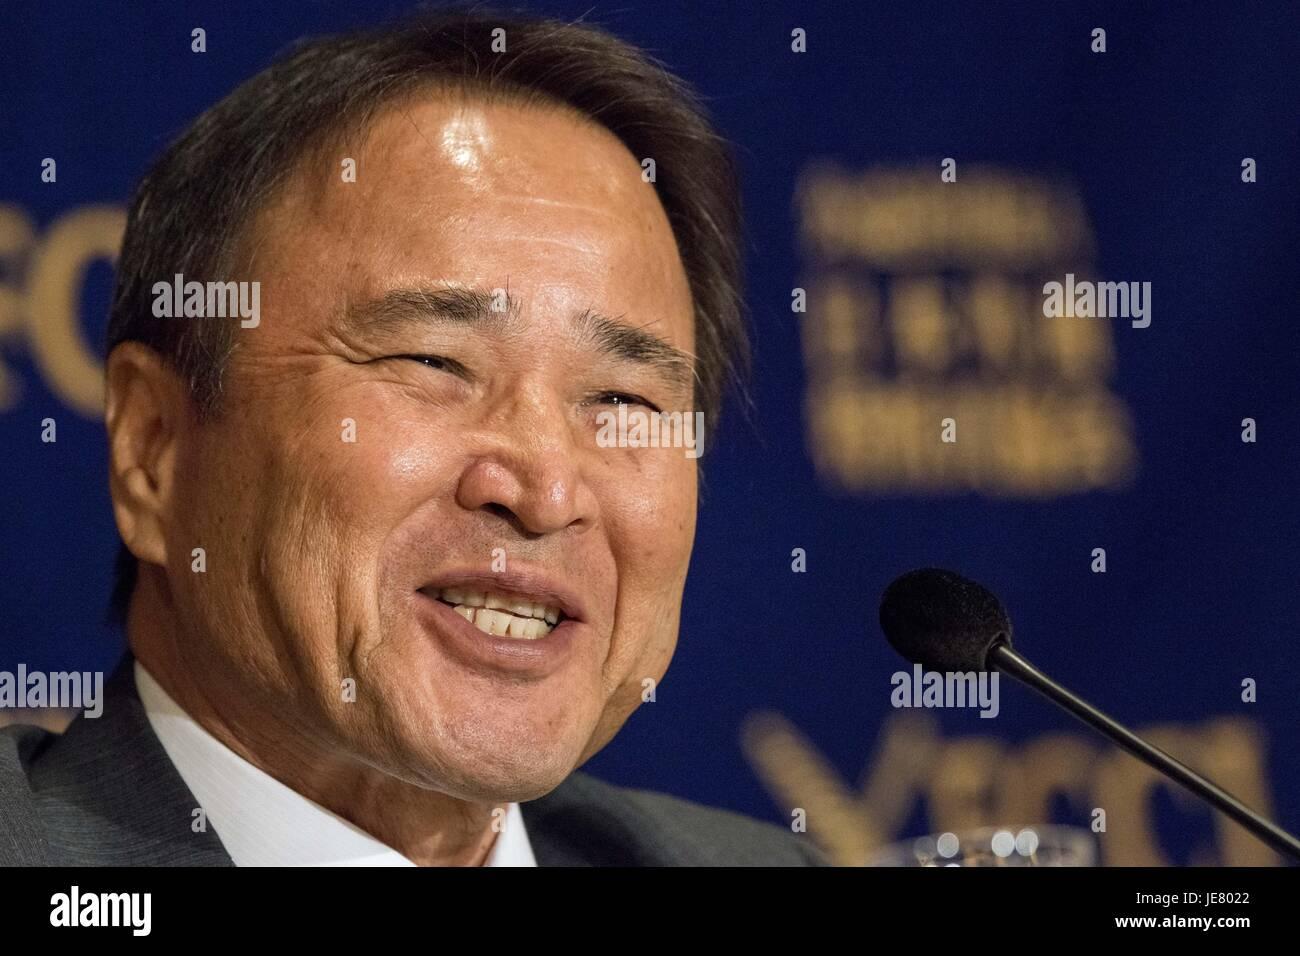 Junio 23, 2017 - Tokio, Tokio, Japón - Hiroji Yamashiro, Presidente del Movimiento por la paz de Okinawa ofrece Imagen De Stock